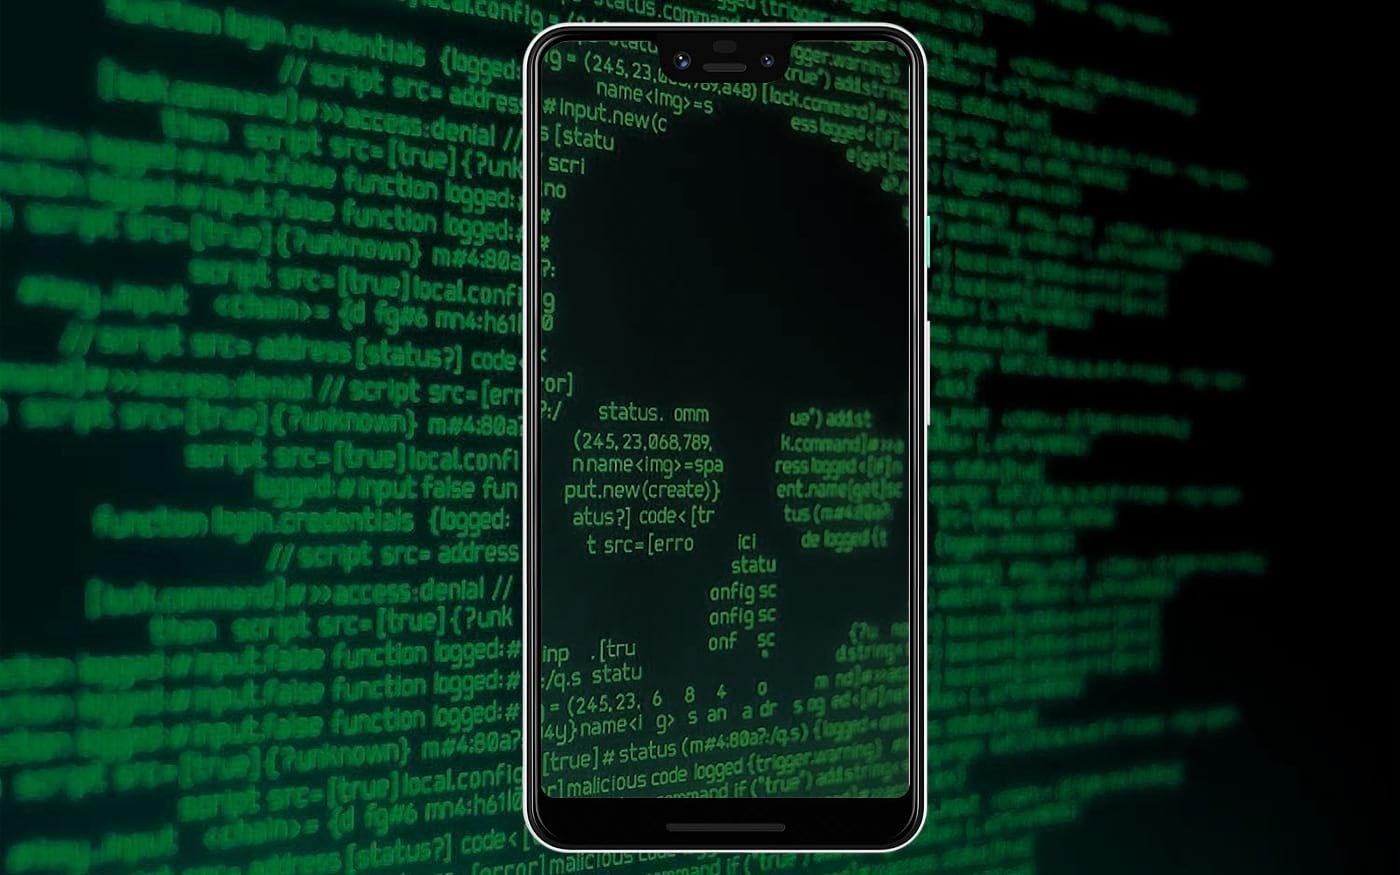 Malware em smartphone